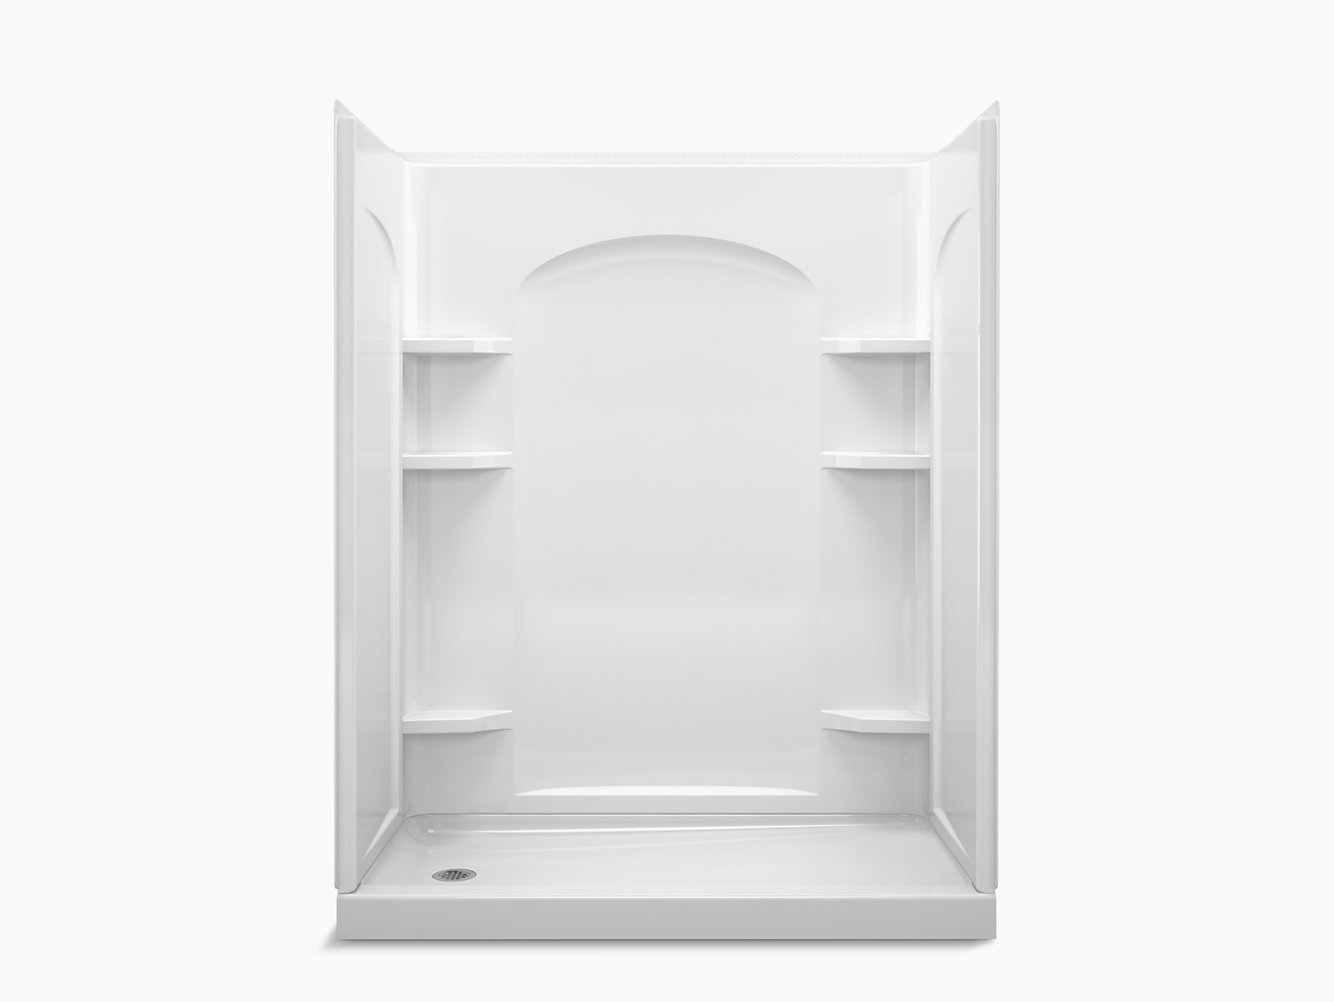 Ensemble Series 7217 60 X 30 X 75 14 Shower Stall 72170110